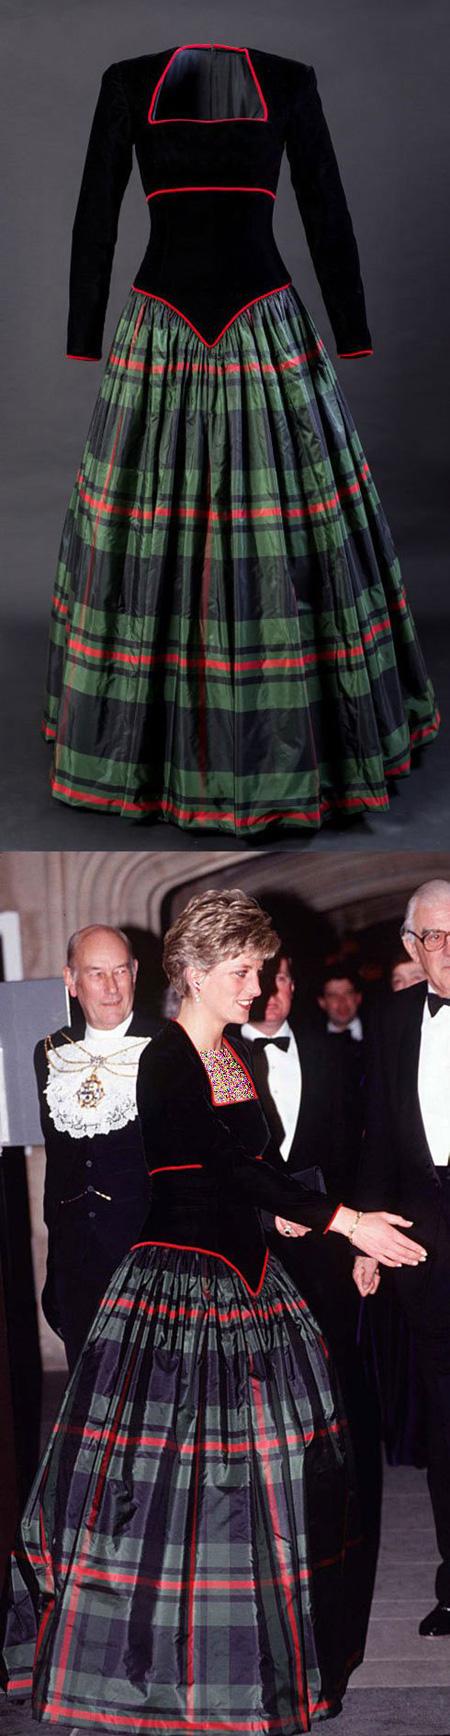 بهترین مدل لباس ملکه الیزابت, بهترین مدل لباس پرنسس دایانا